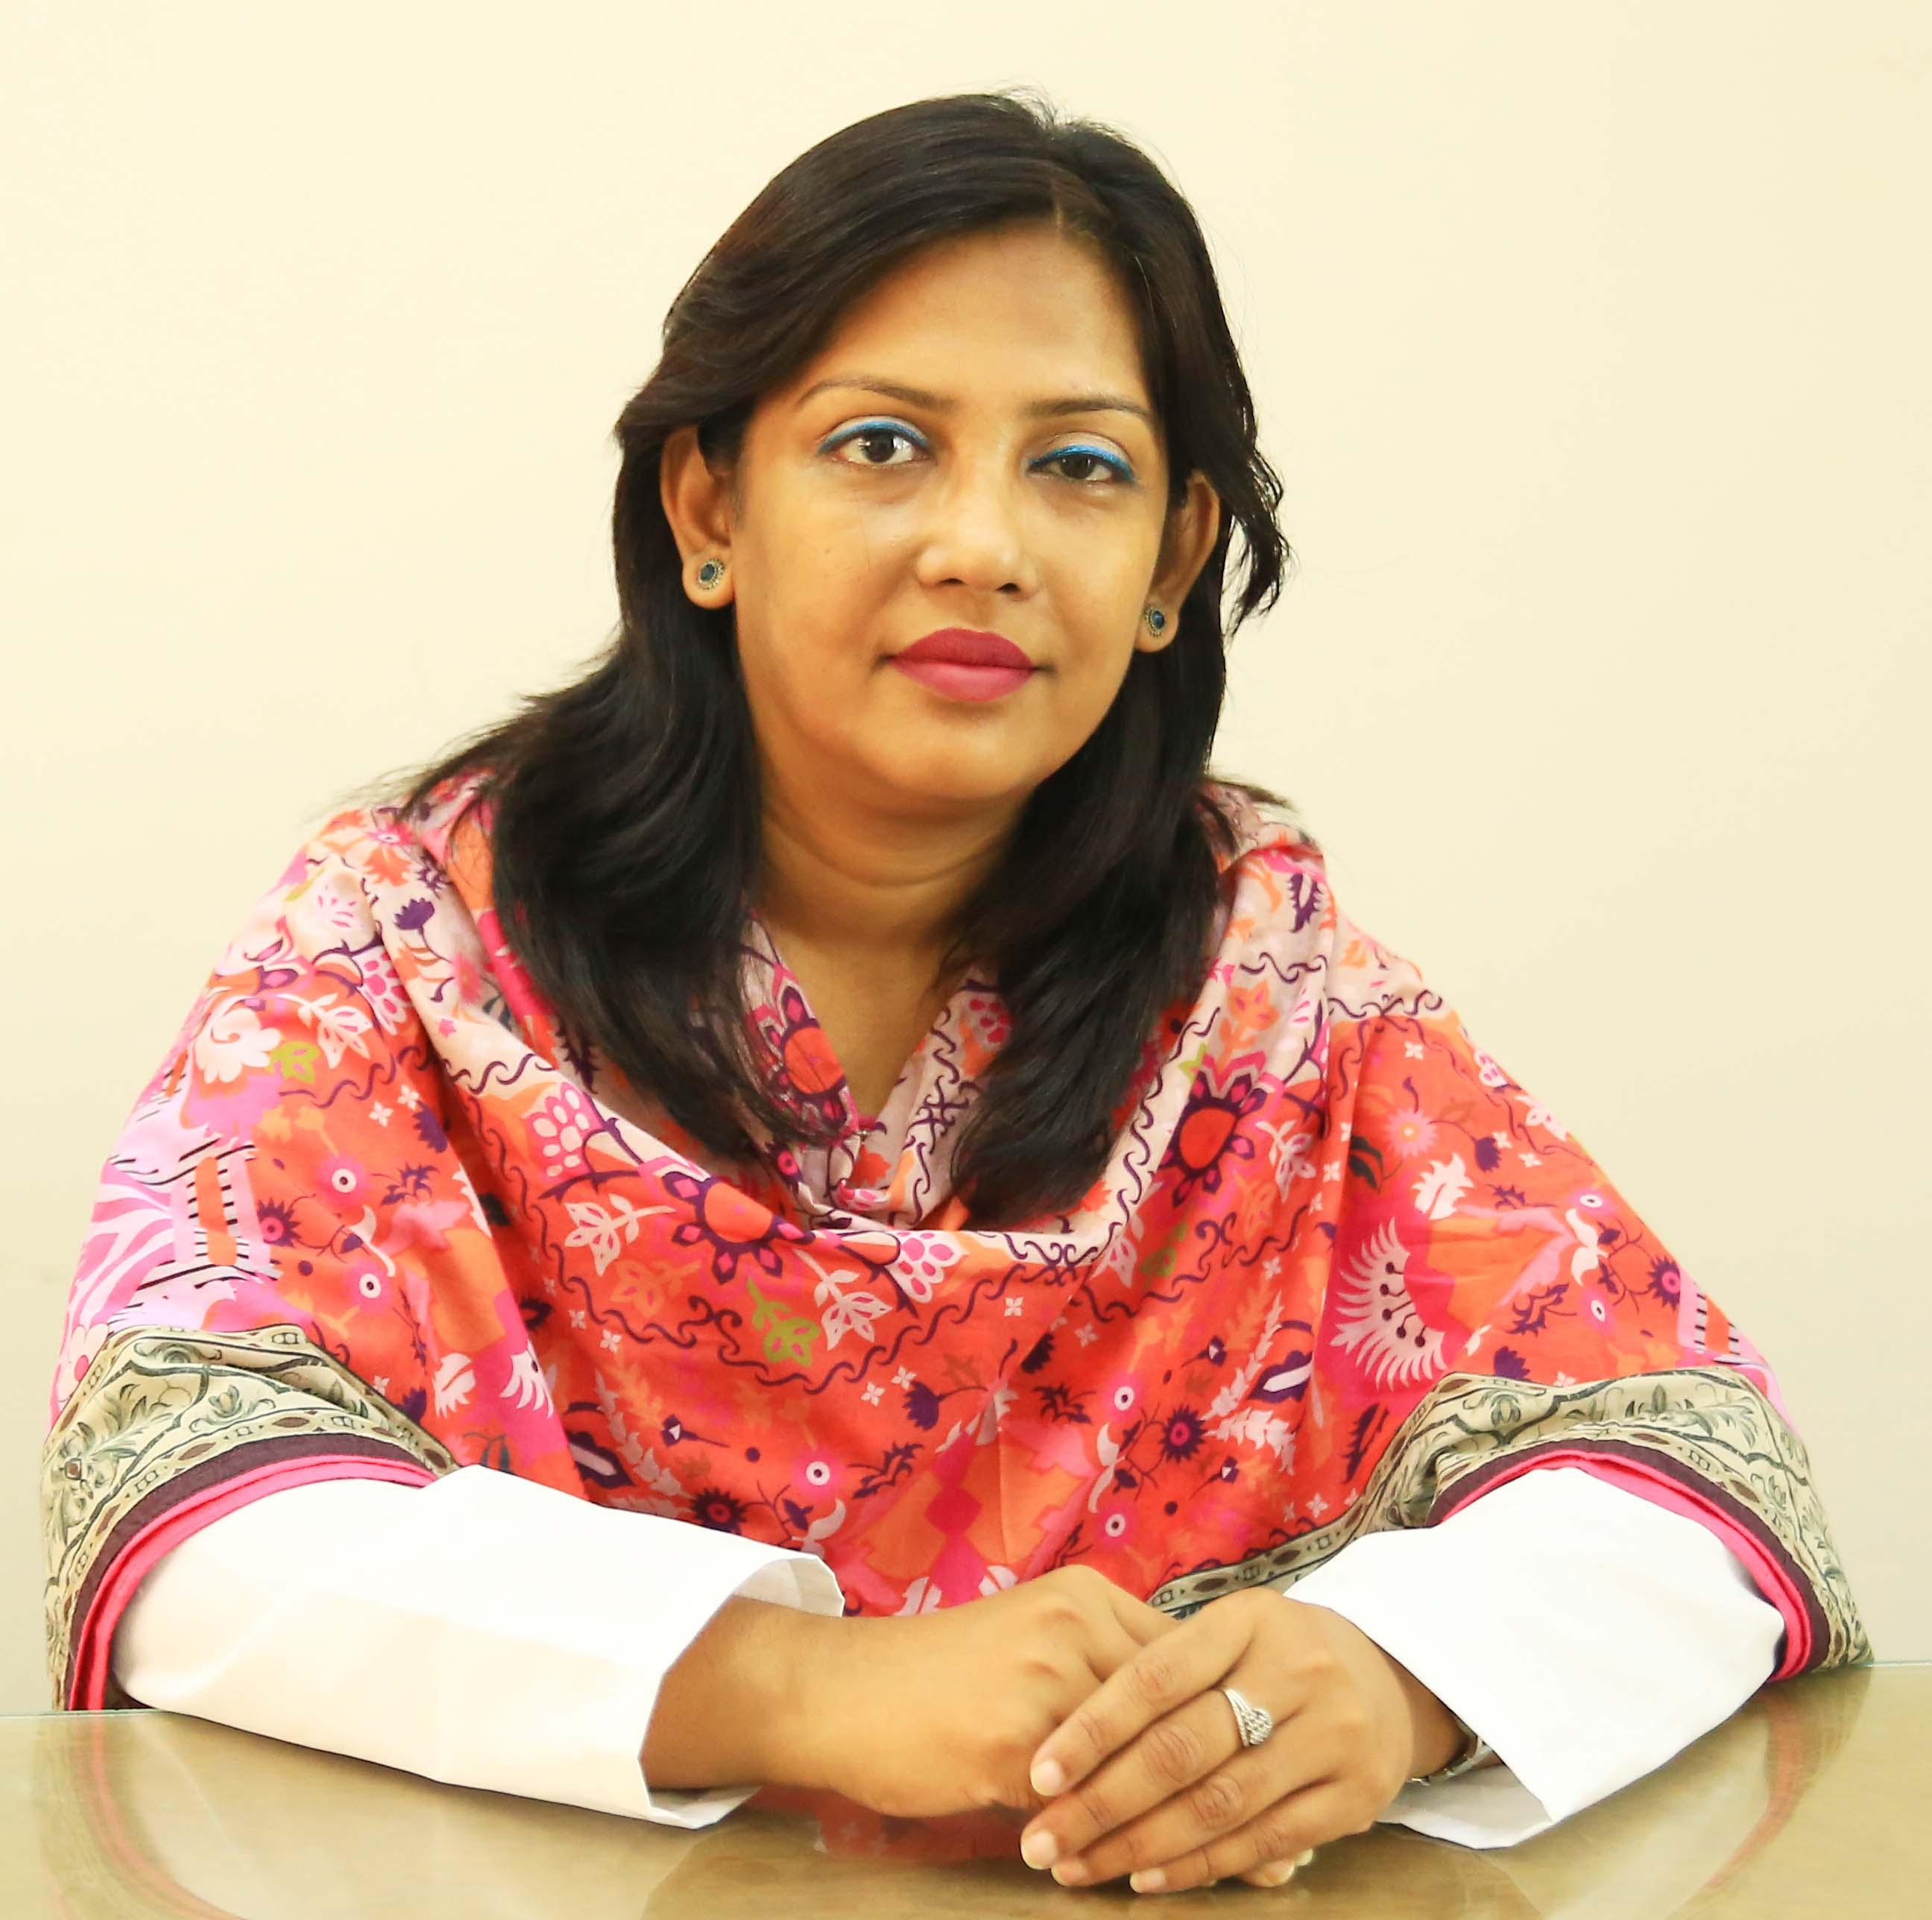 Dr. Samia Ahmed